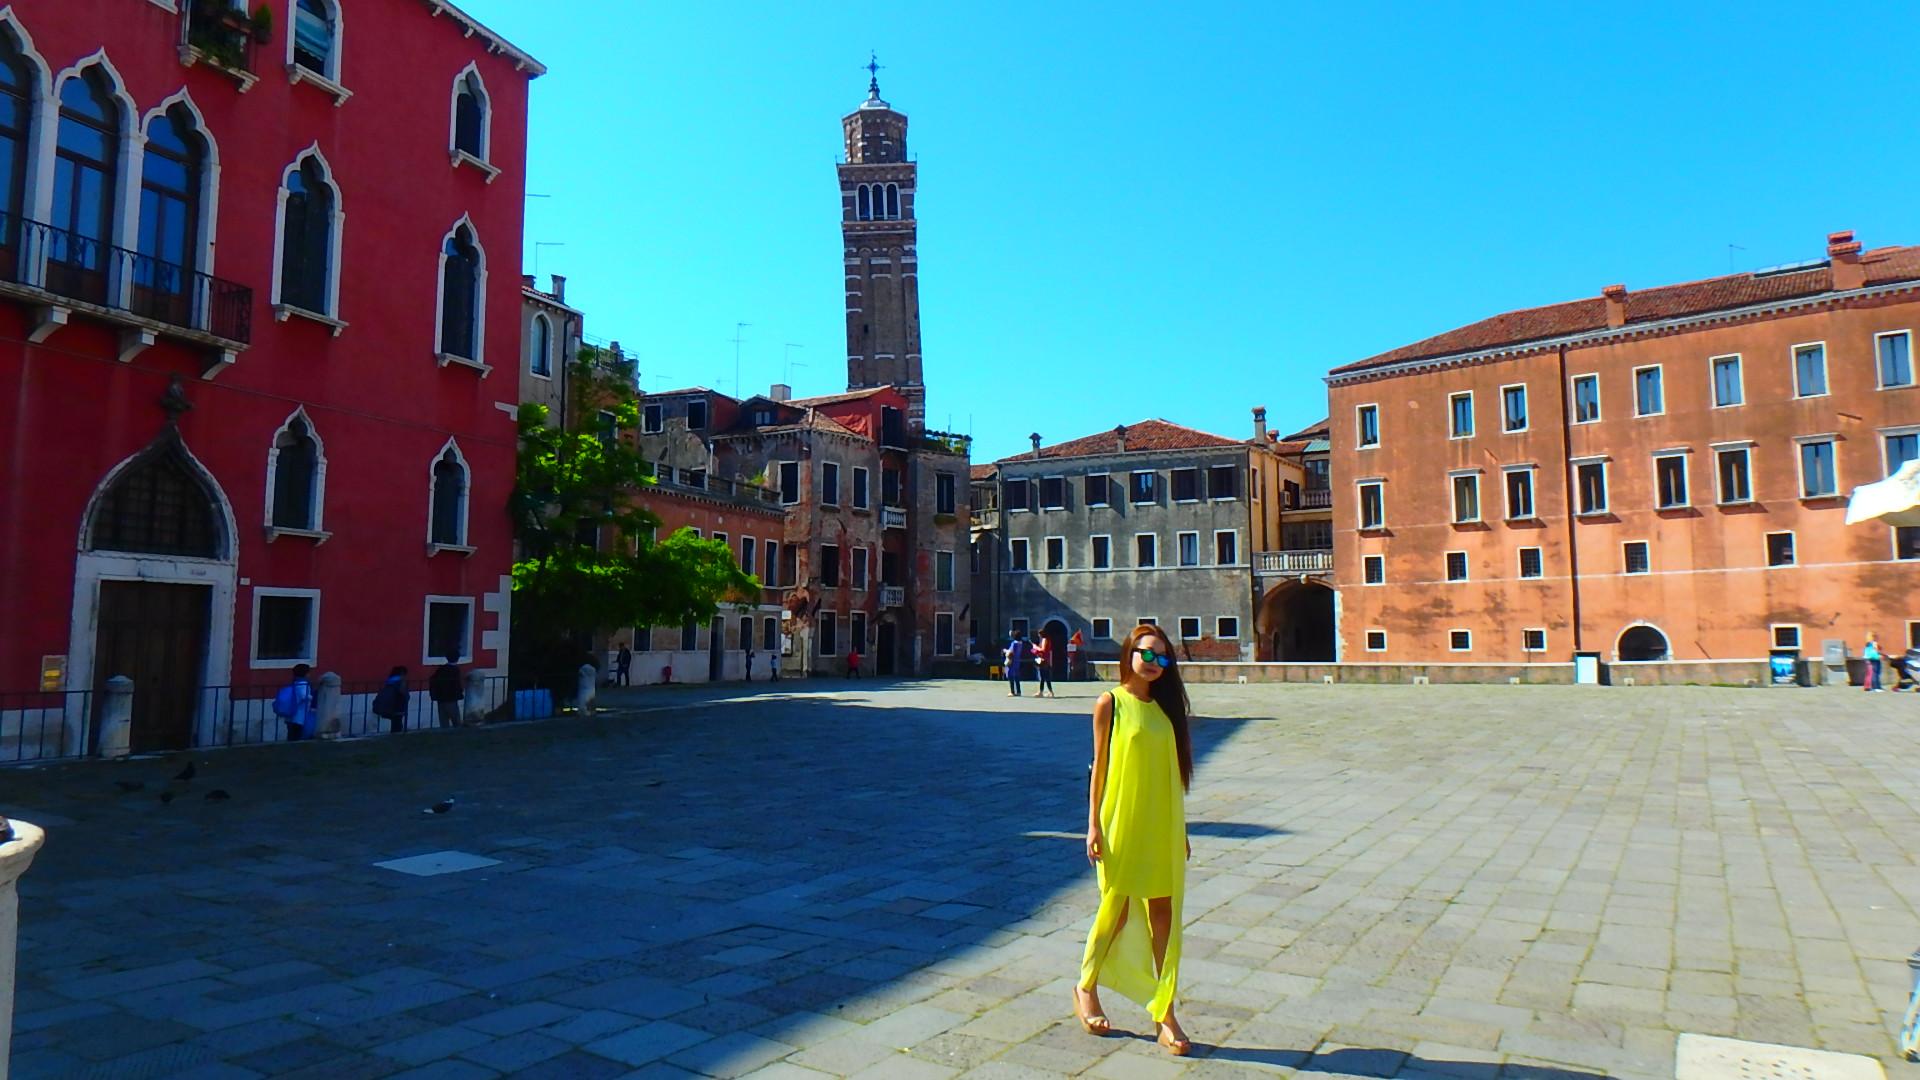 イタリアには傾いている建物が ピサの斜塔以外にも